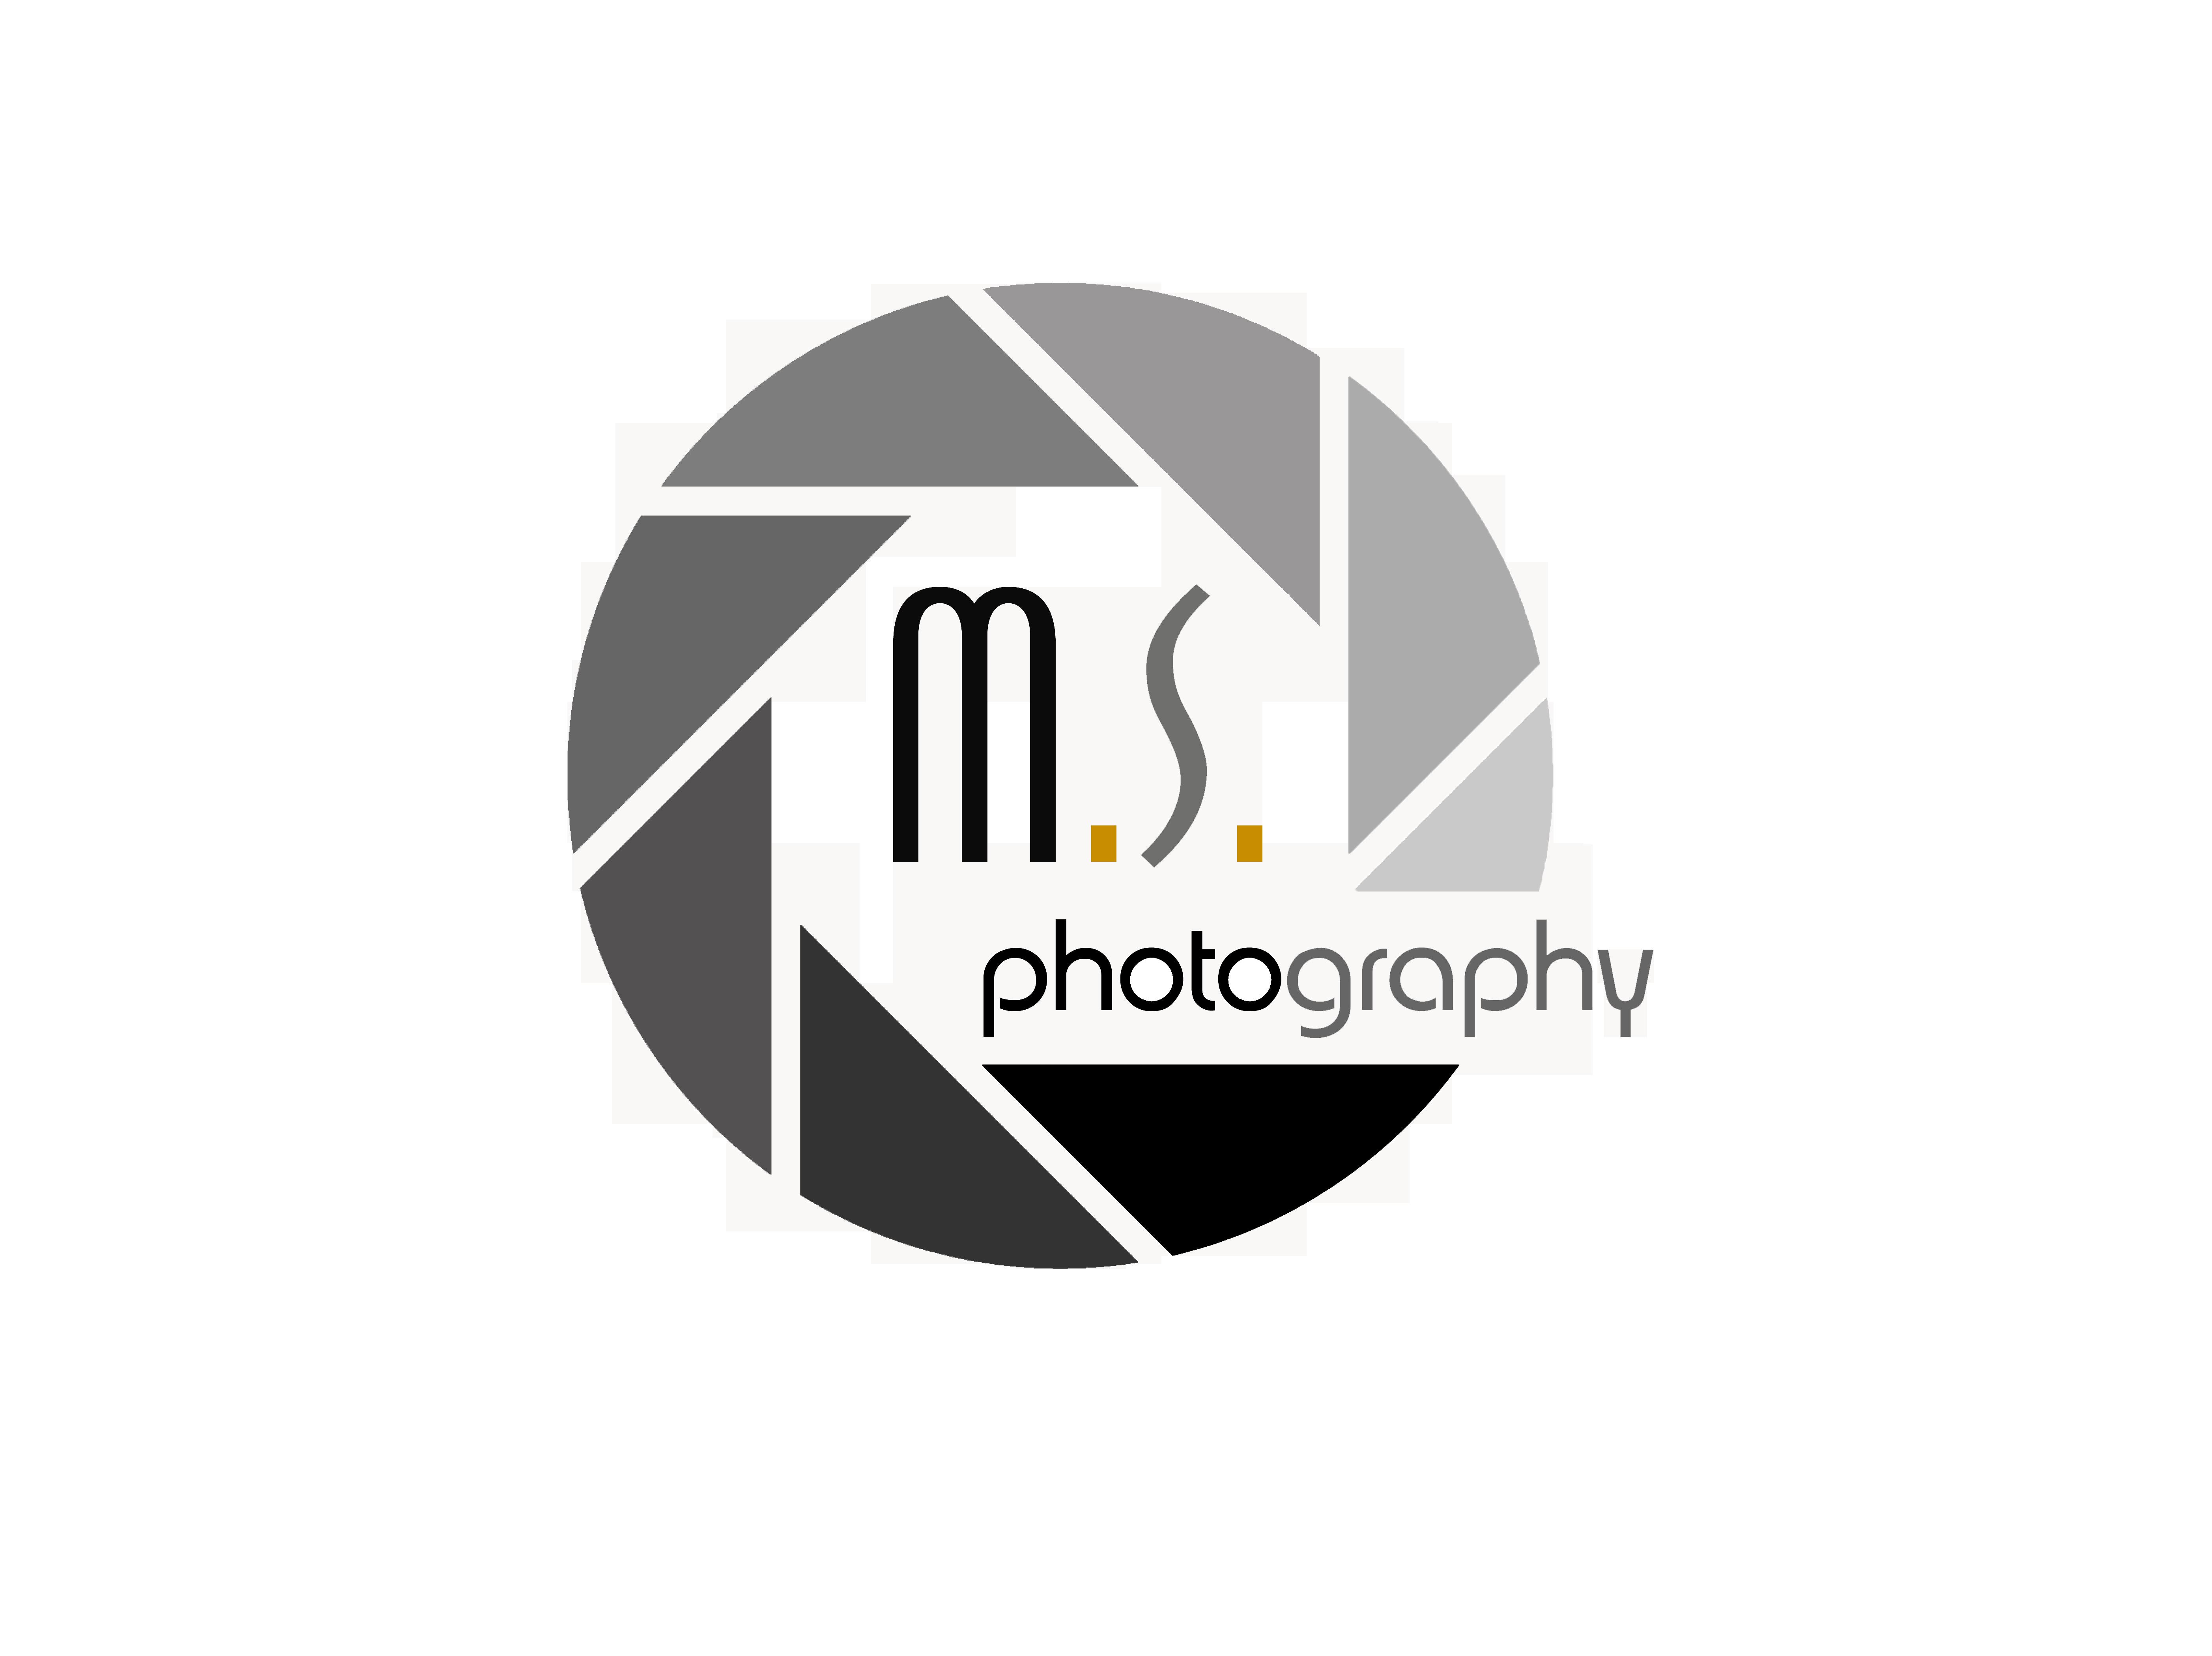 photography company logo design png wwwimgkidcom the